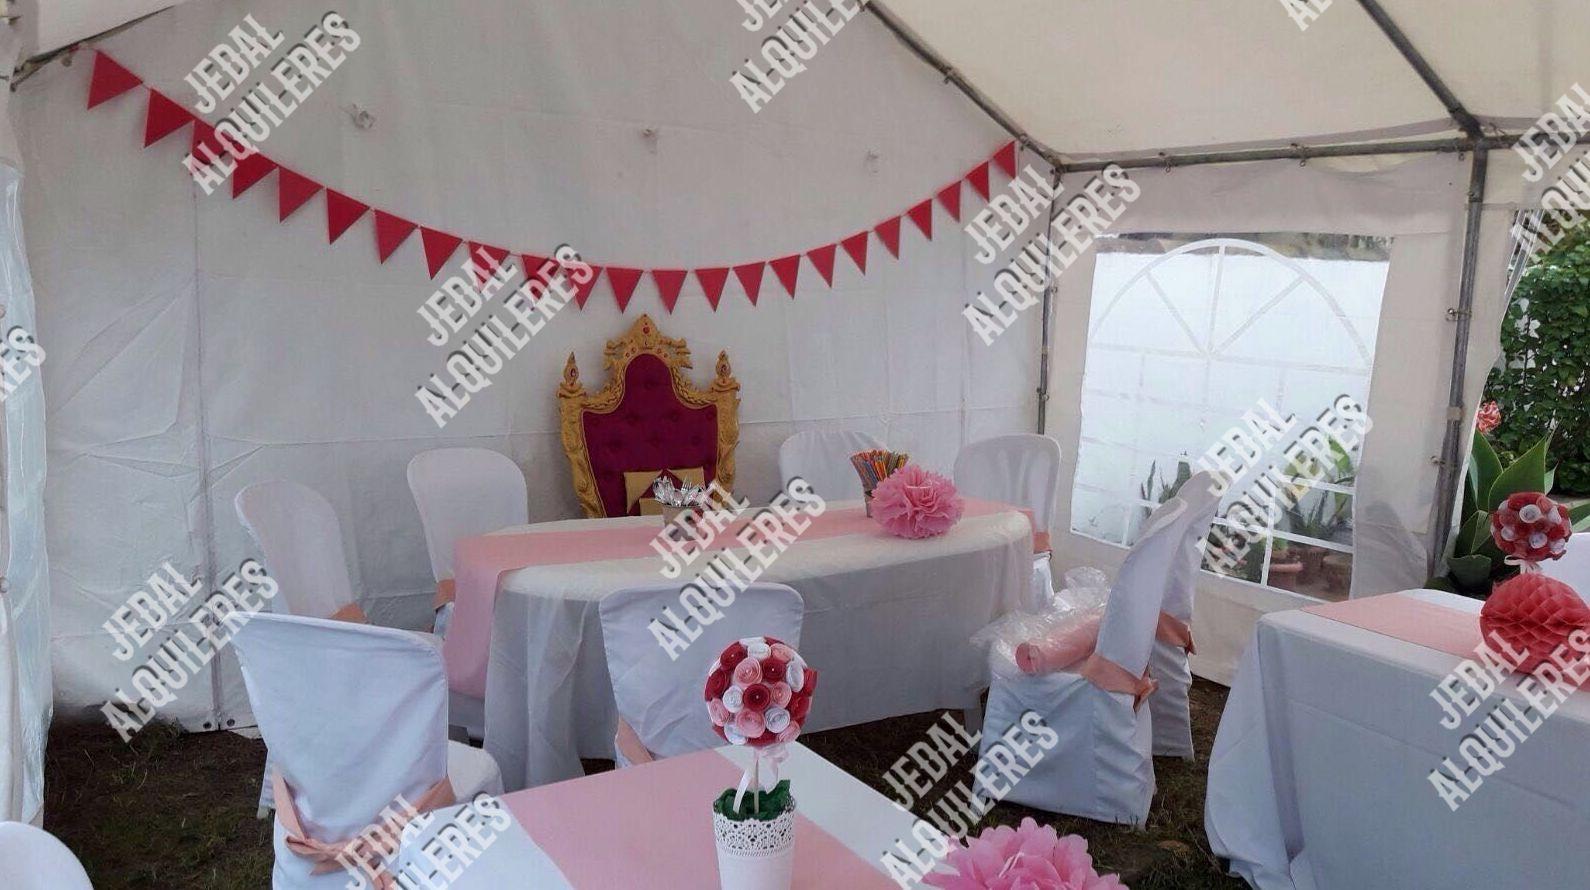 Alquiler de sillas y mesas para cumpleaños en Jerez de la Frontera